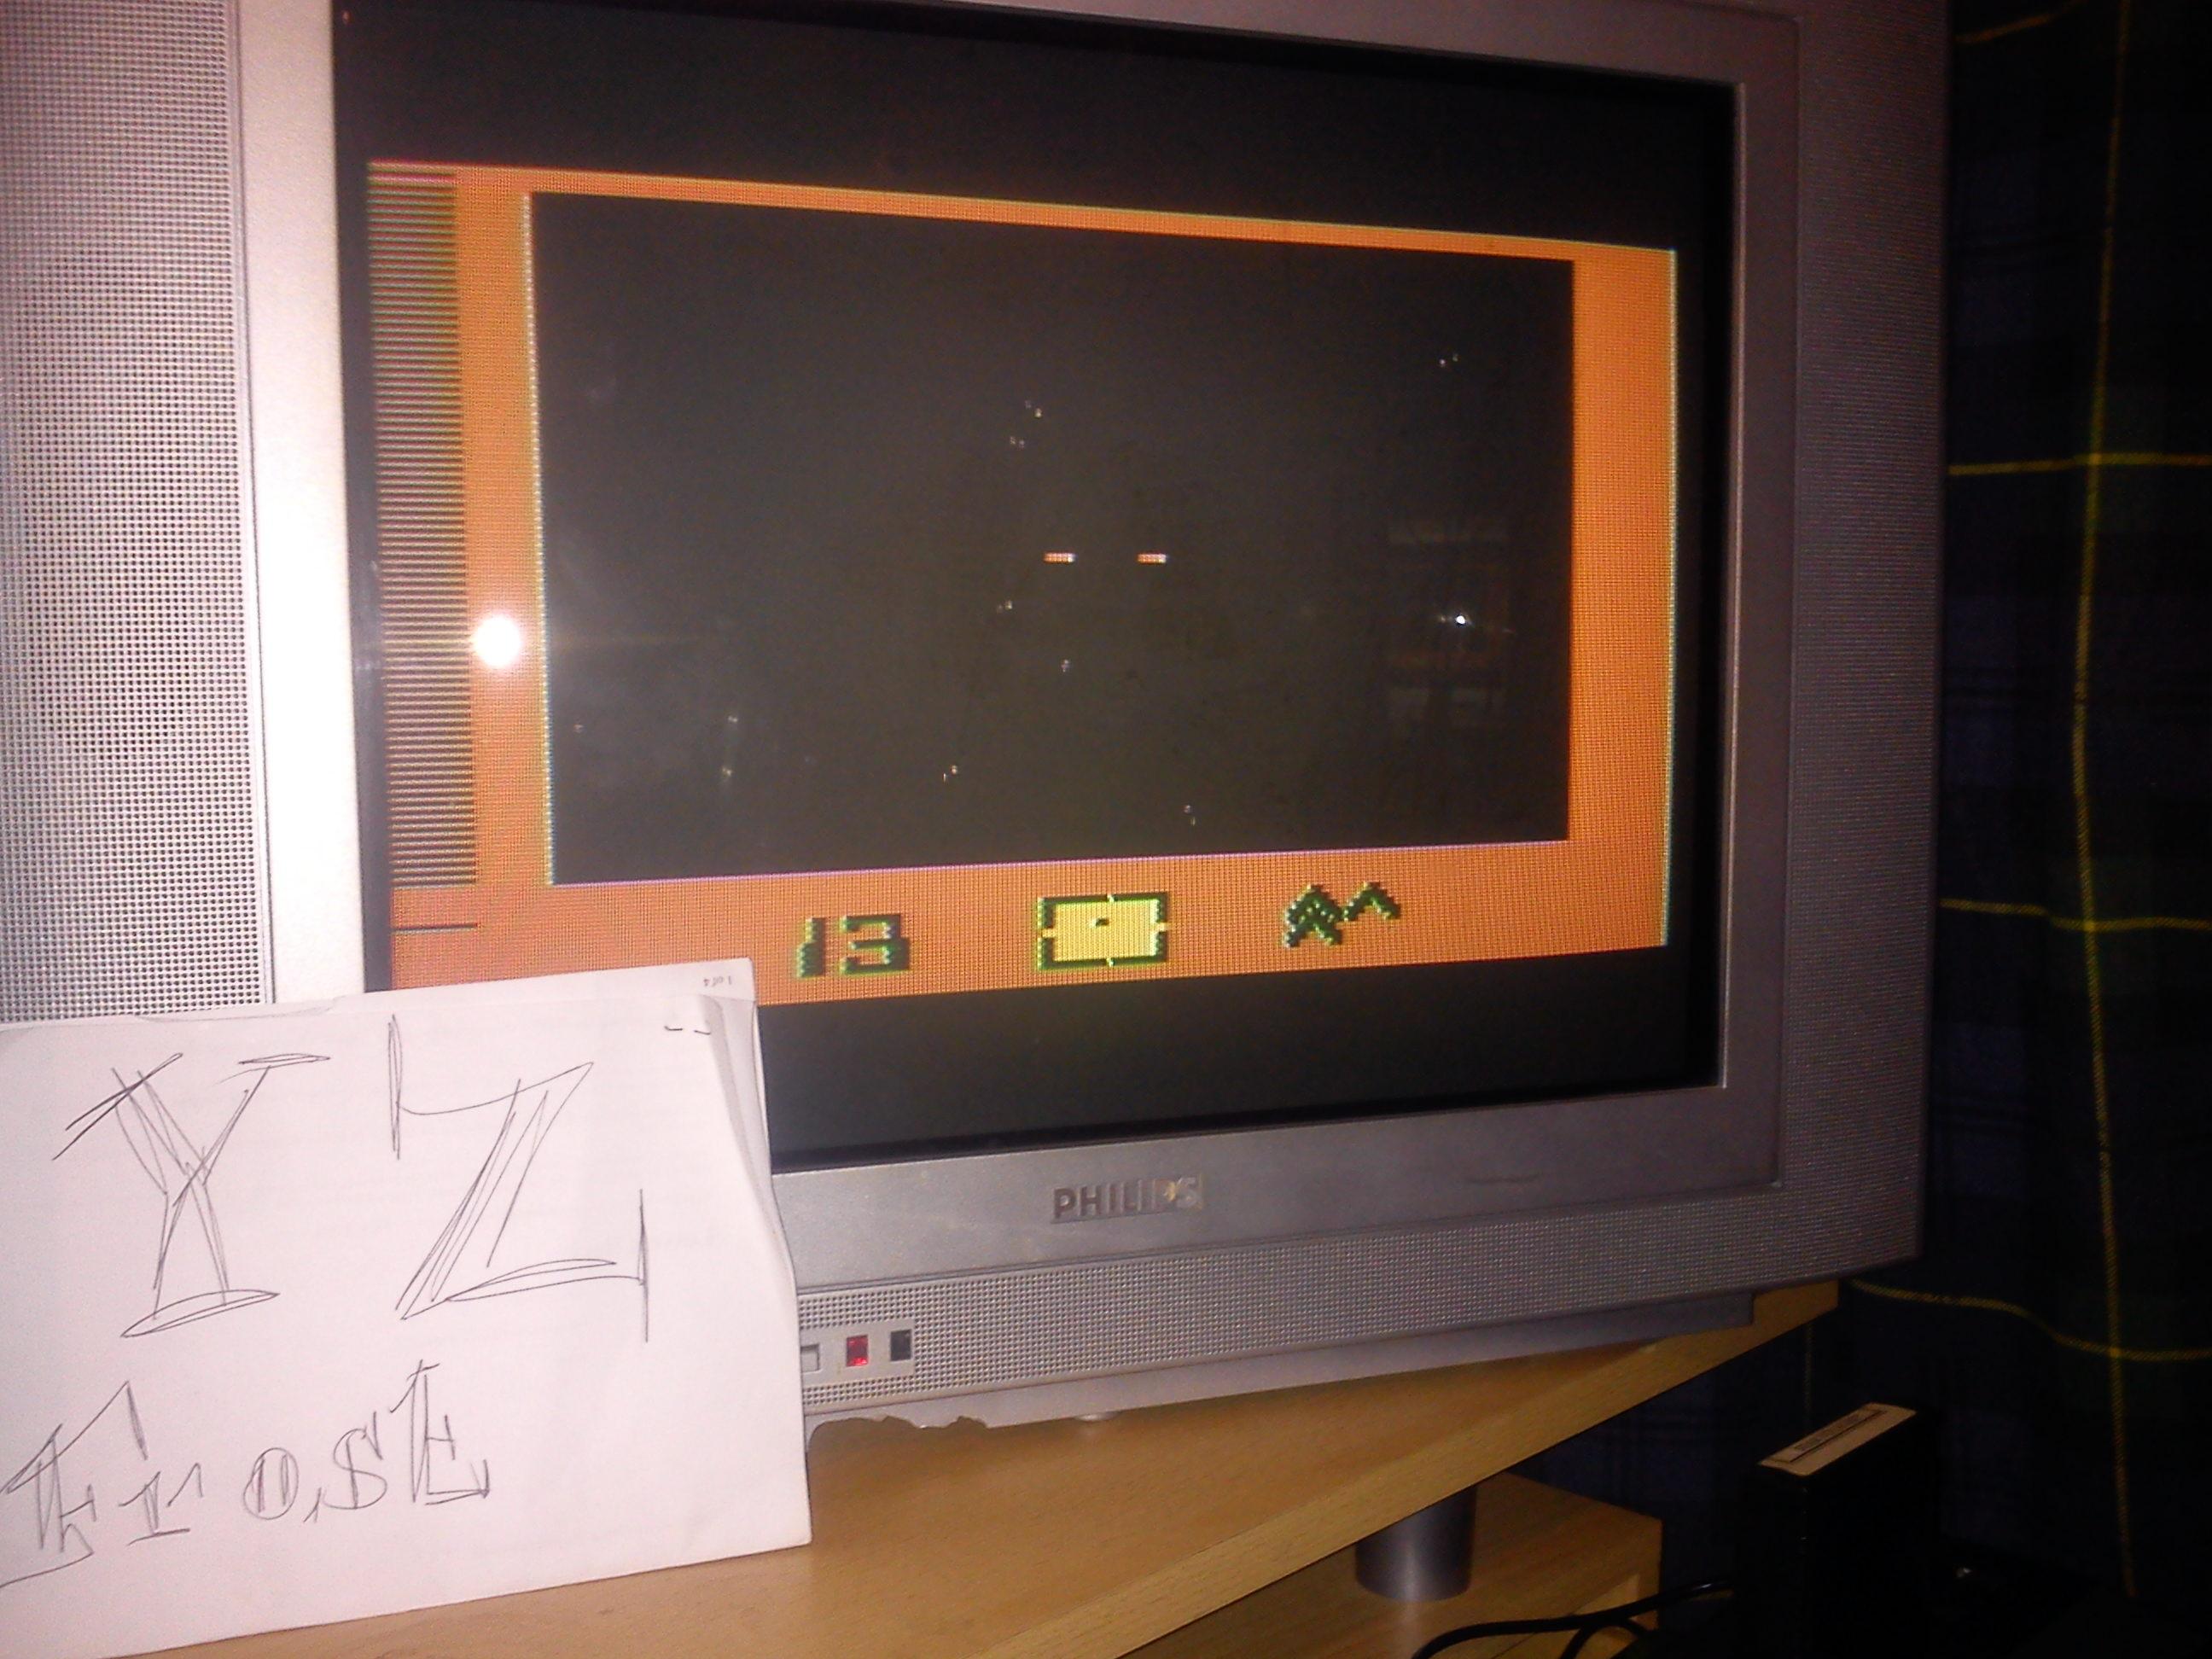 Fr0st: Star Voyager (Atari 2600 Novice/B) 13 points on 2014-12-09 14:25:21